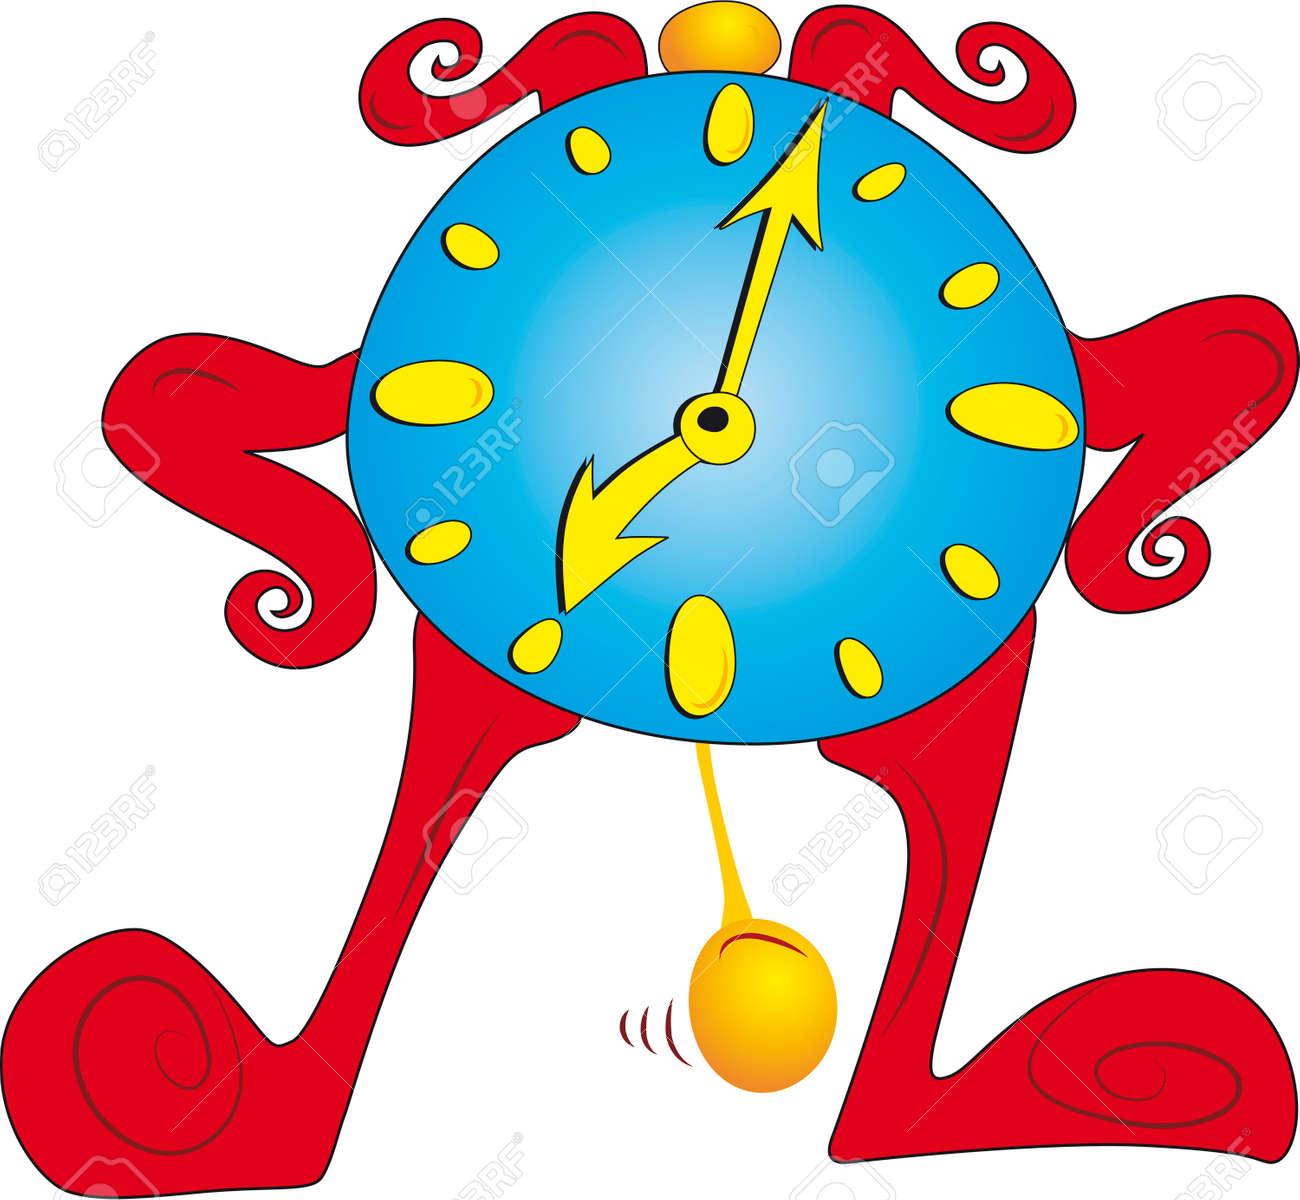 Old standing cartoon character clock Stock Vector - 5724734